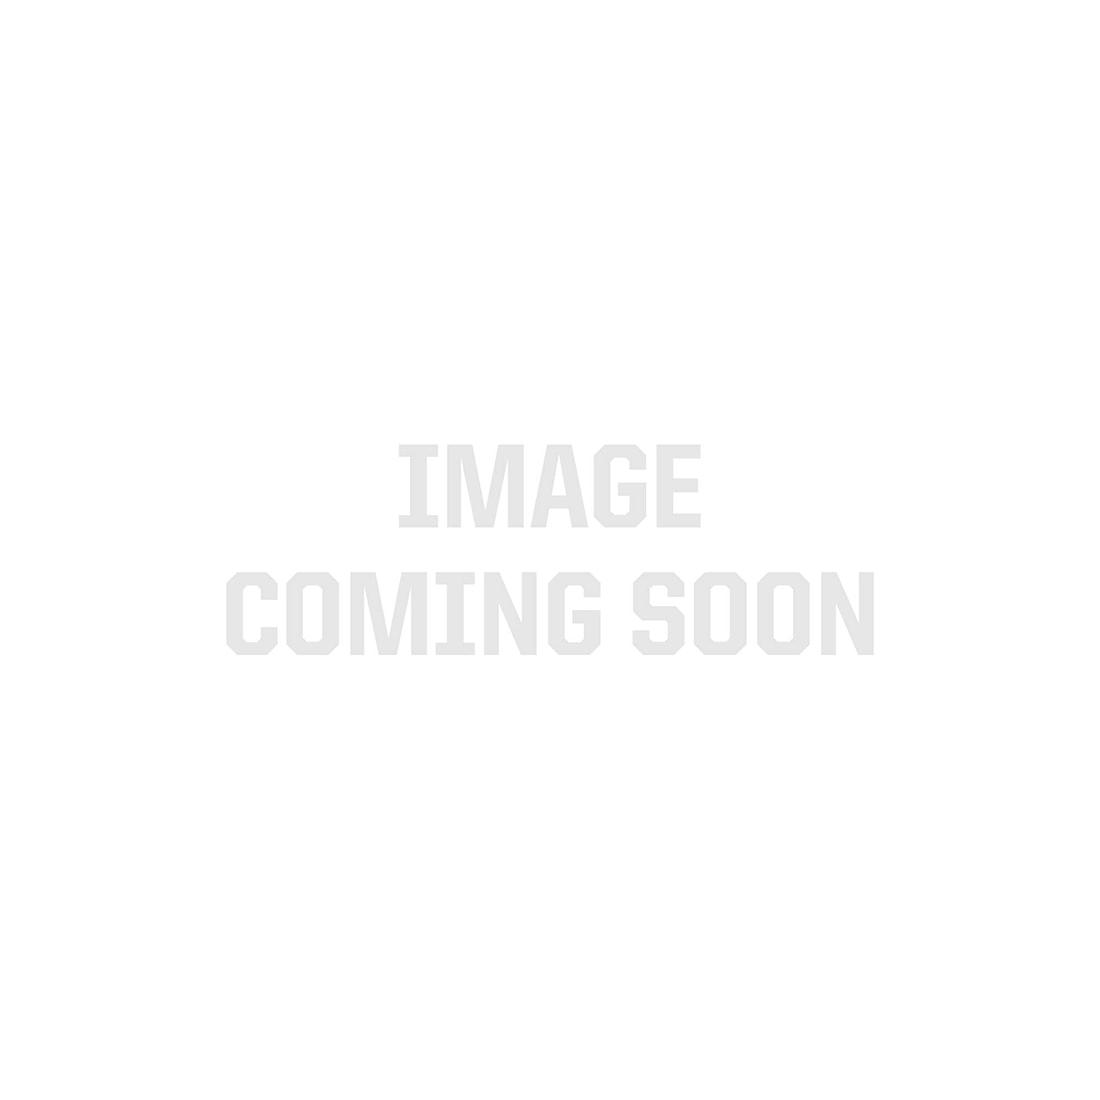 EdgeLight LED Light Bar - 6×90 Degree - 6500K - 365mm